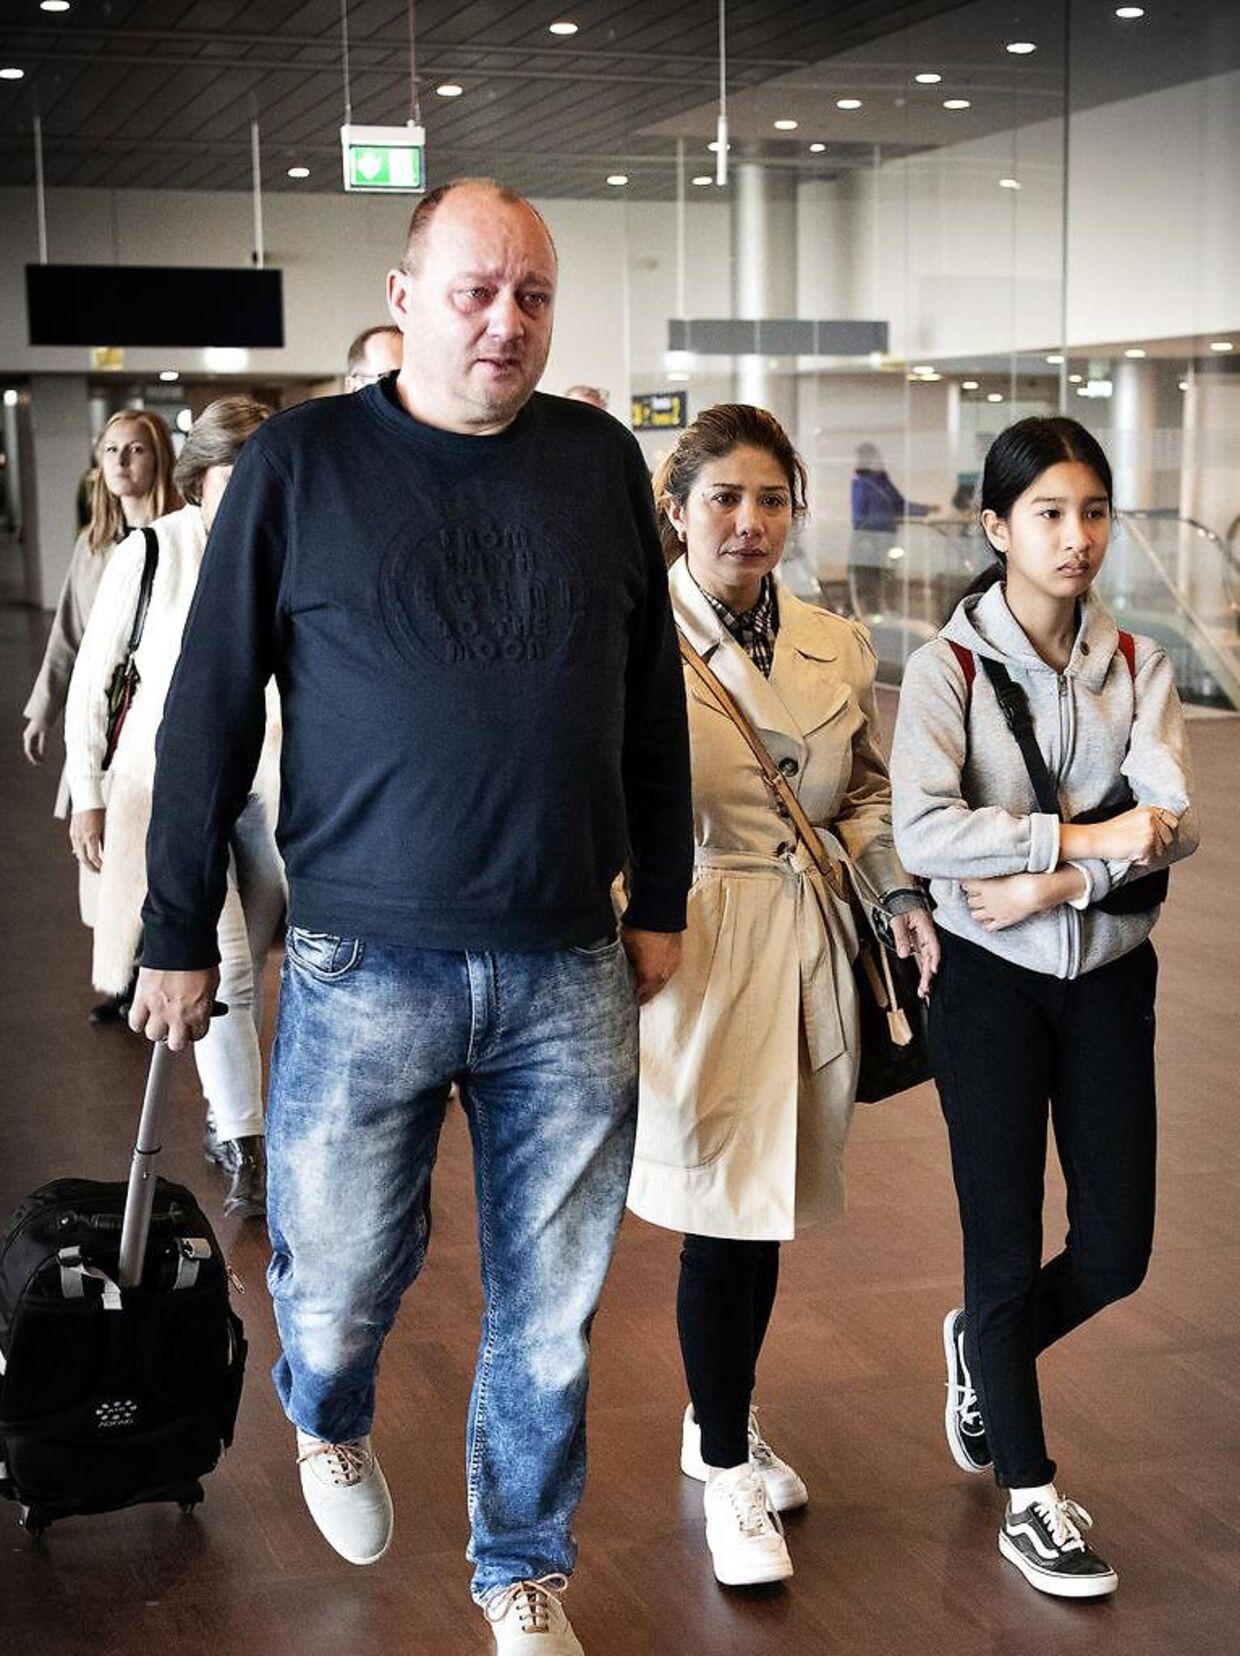 I oktober 2018 tog Frank Thøgersen i lufthavnen for at vinke farvel til sin papdatter Mint og sin kone, Ratree, som han har en treårig søn med.